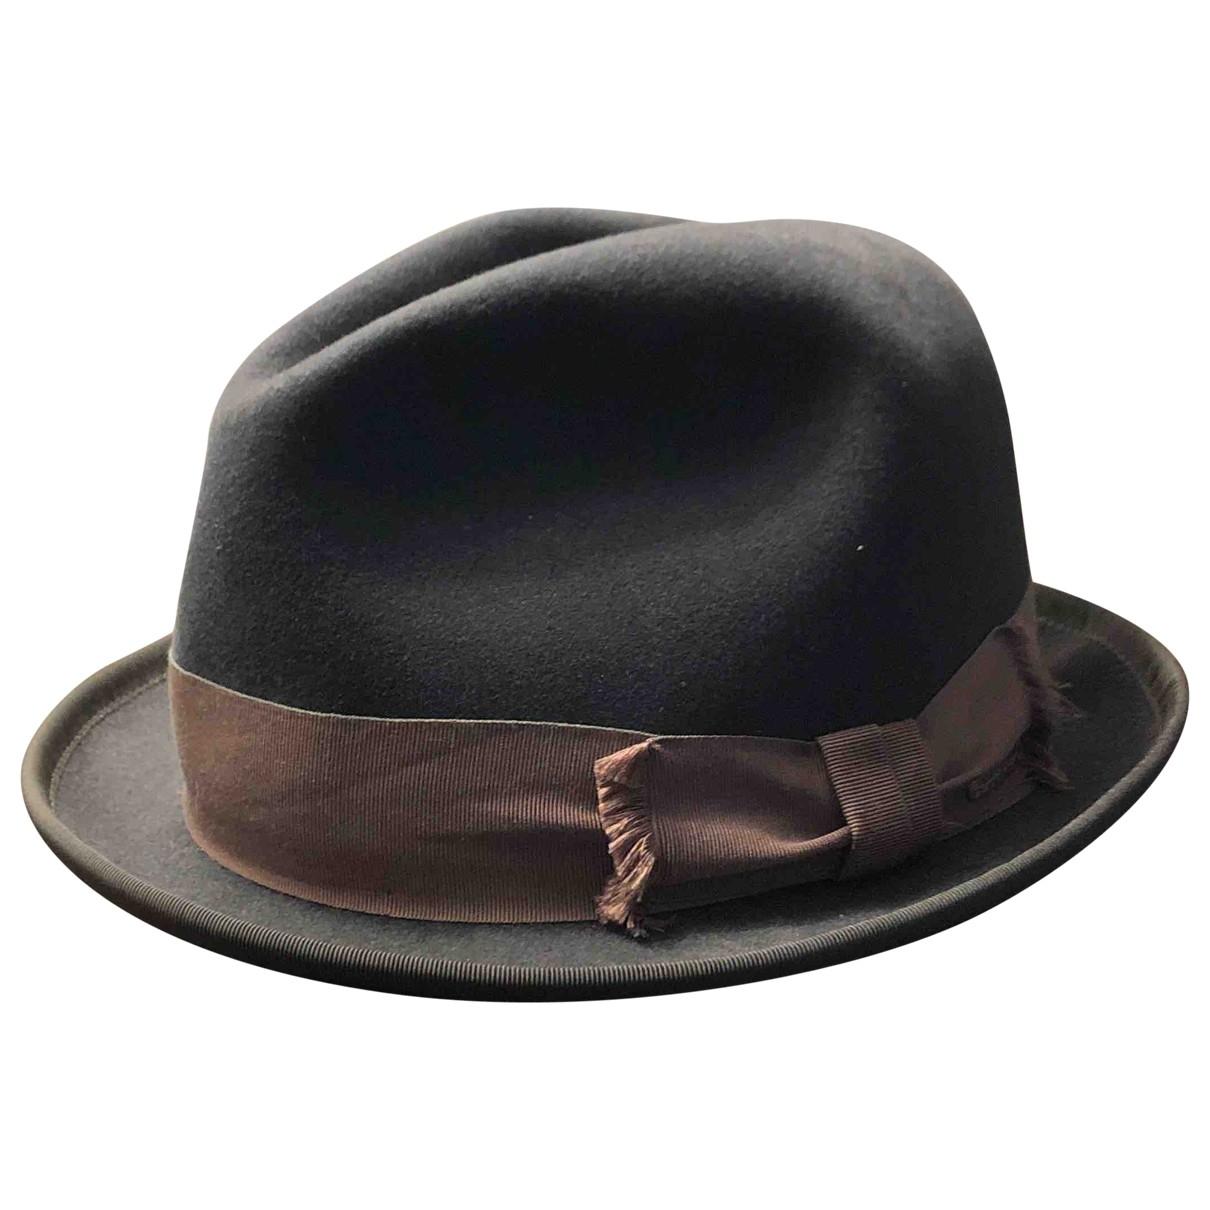 Sombrero / gorro de Lana Super Duper